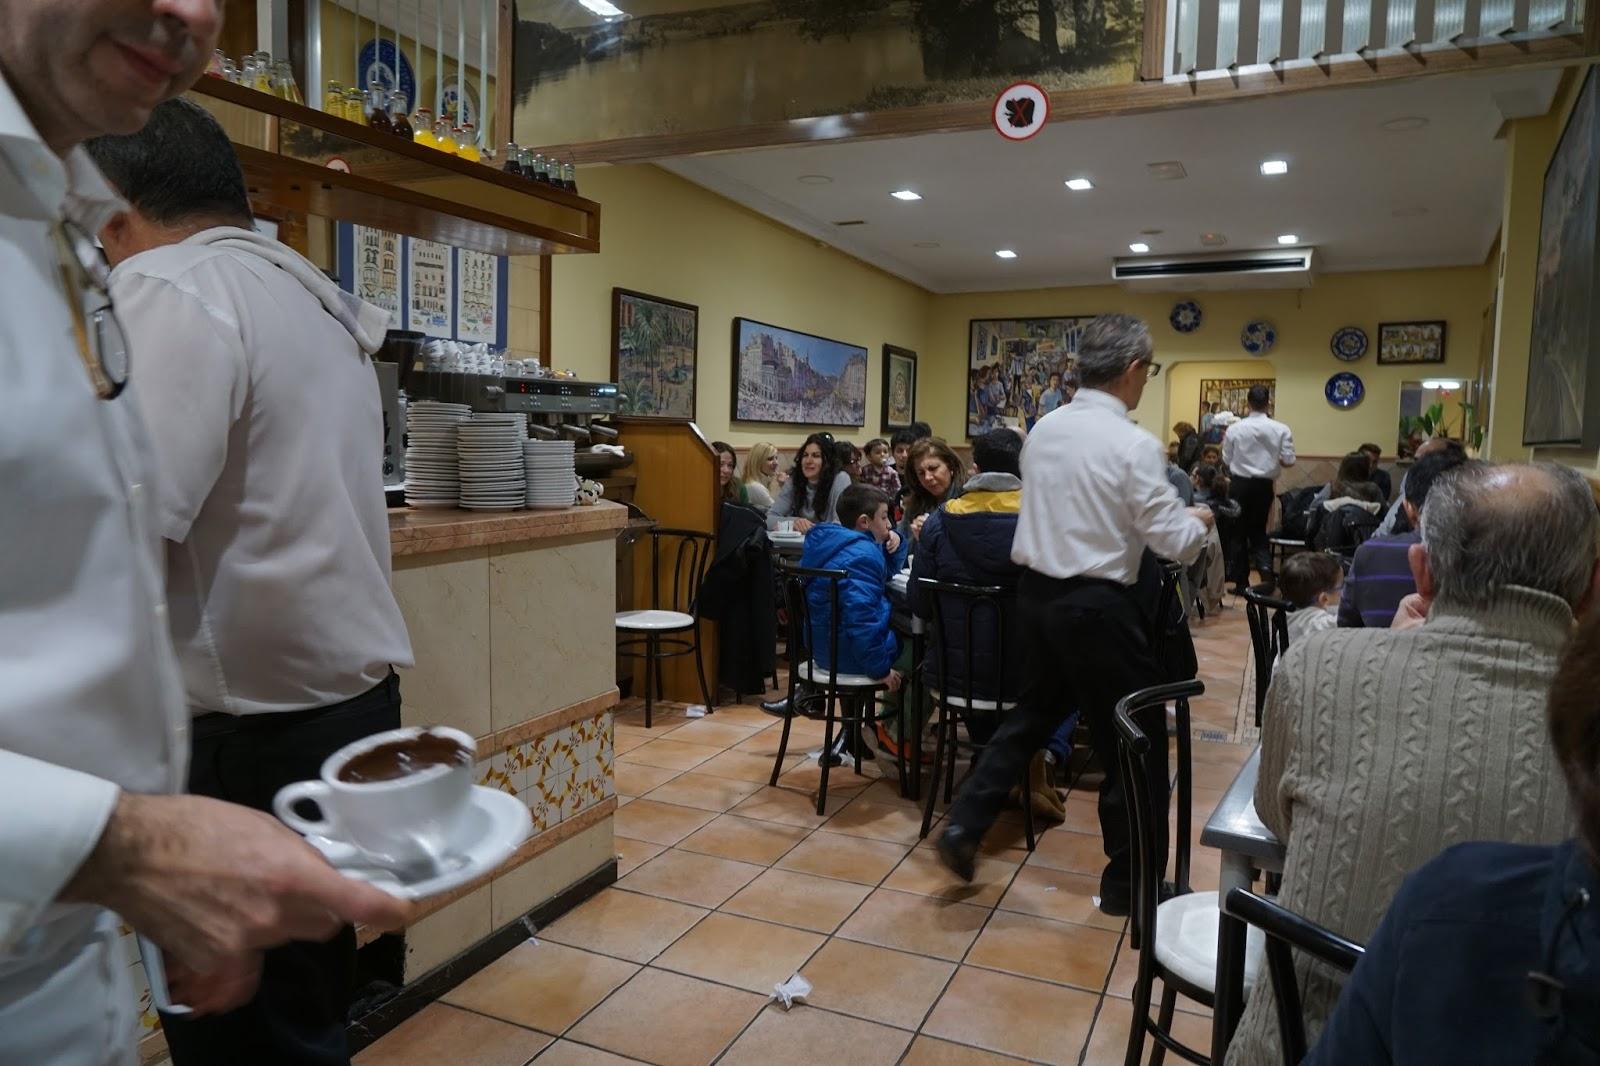 グランハ・ラ・パジャレサ(Granja La Pallaresa) 店内